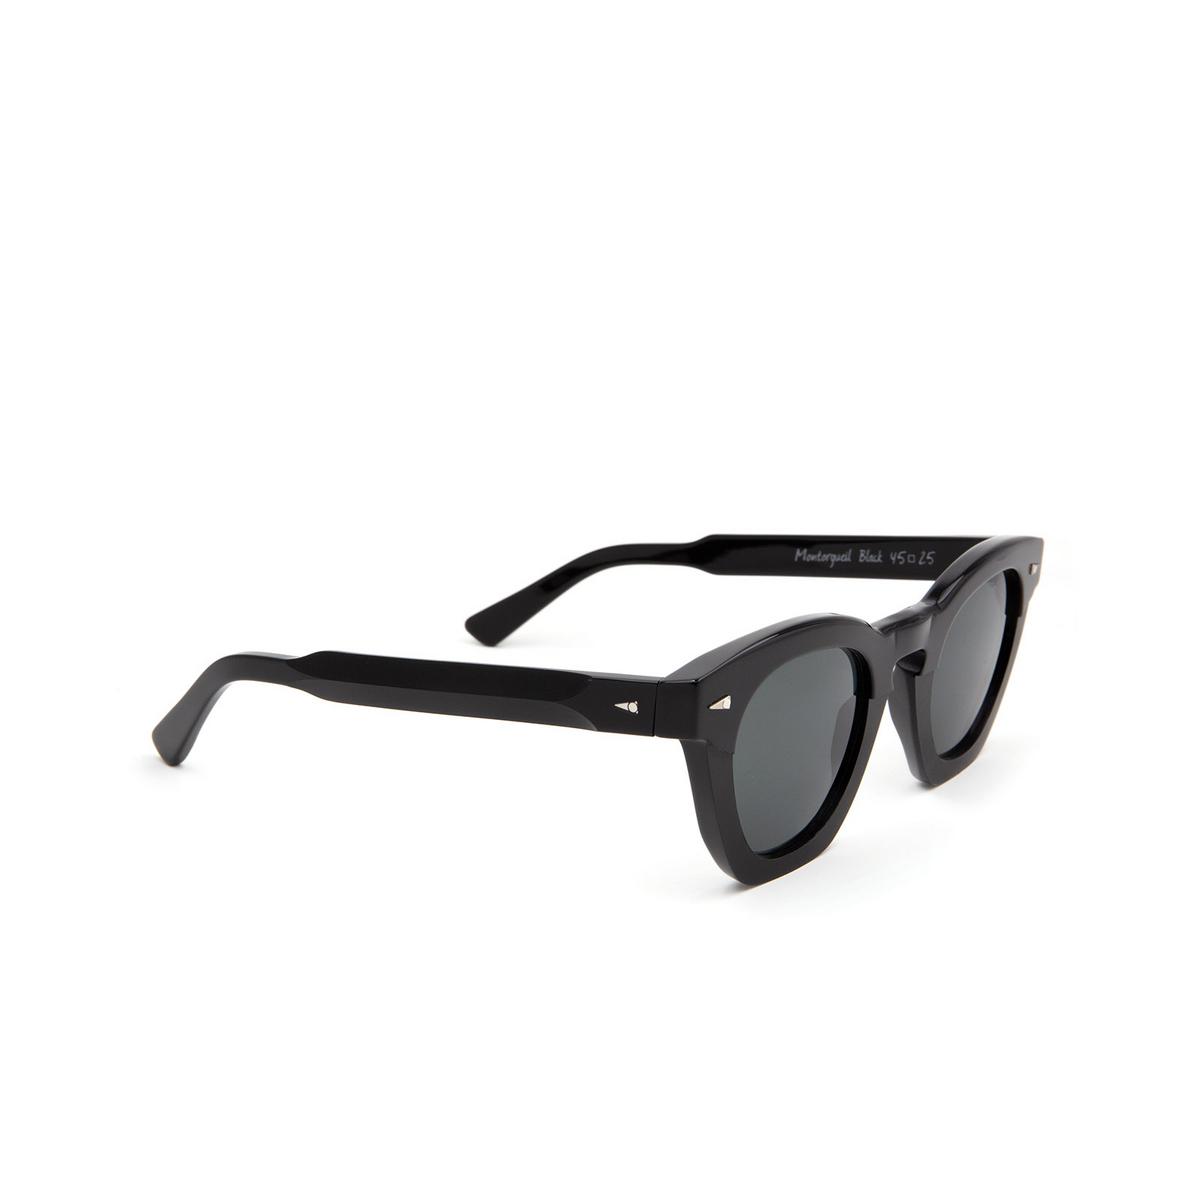 Ahlem® Square Sunglasses: Montorgueil color Black.